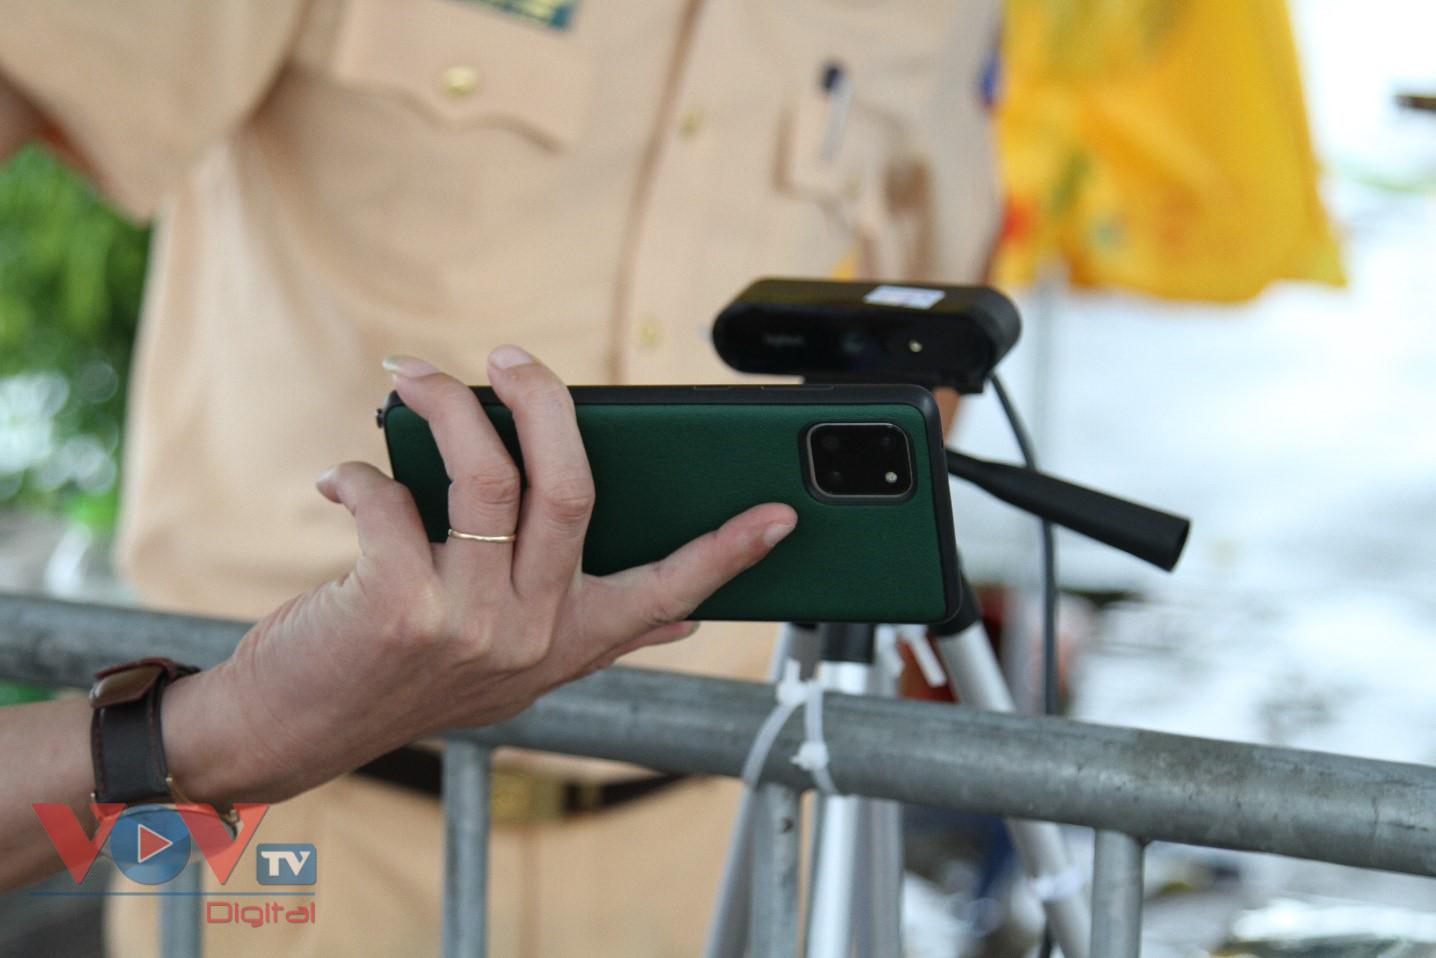 Cận cảnh camera tự động quét QR code tại chốt kiểm soát ra vào Thủ đô - Ảnh 9.